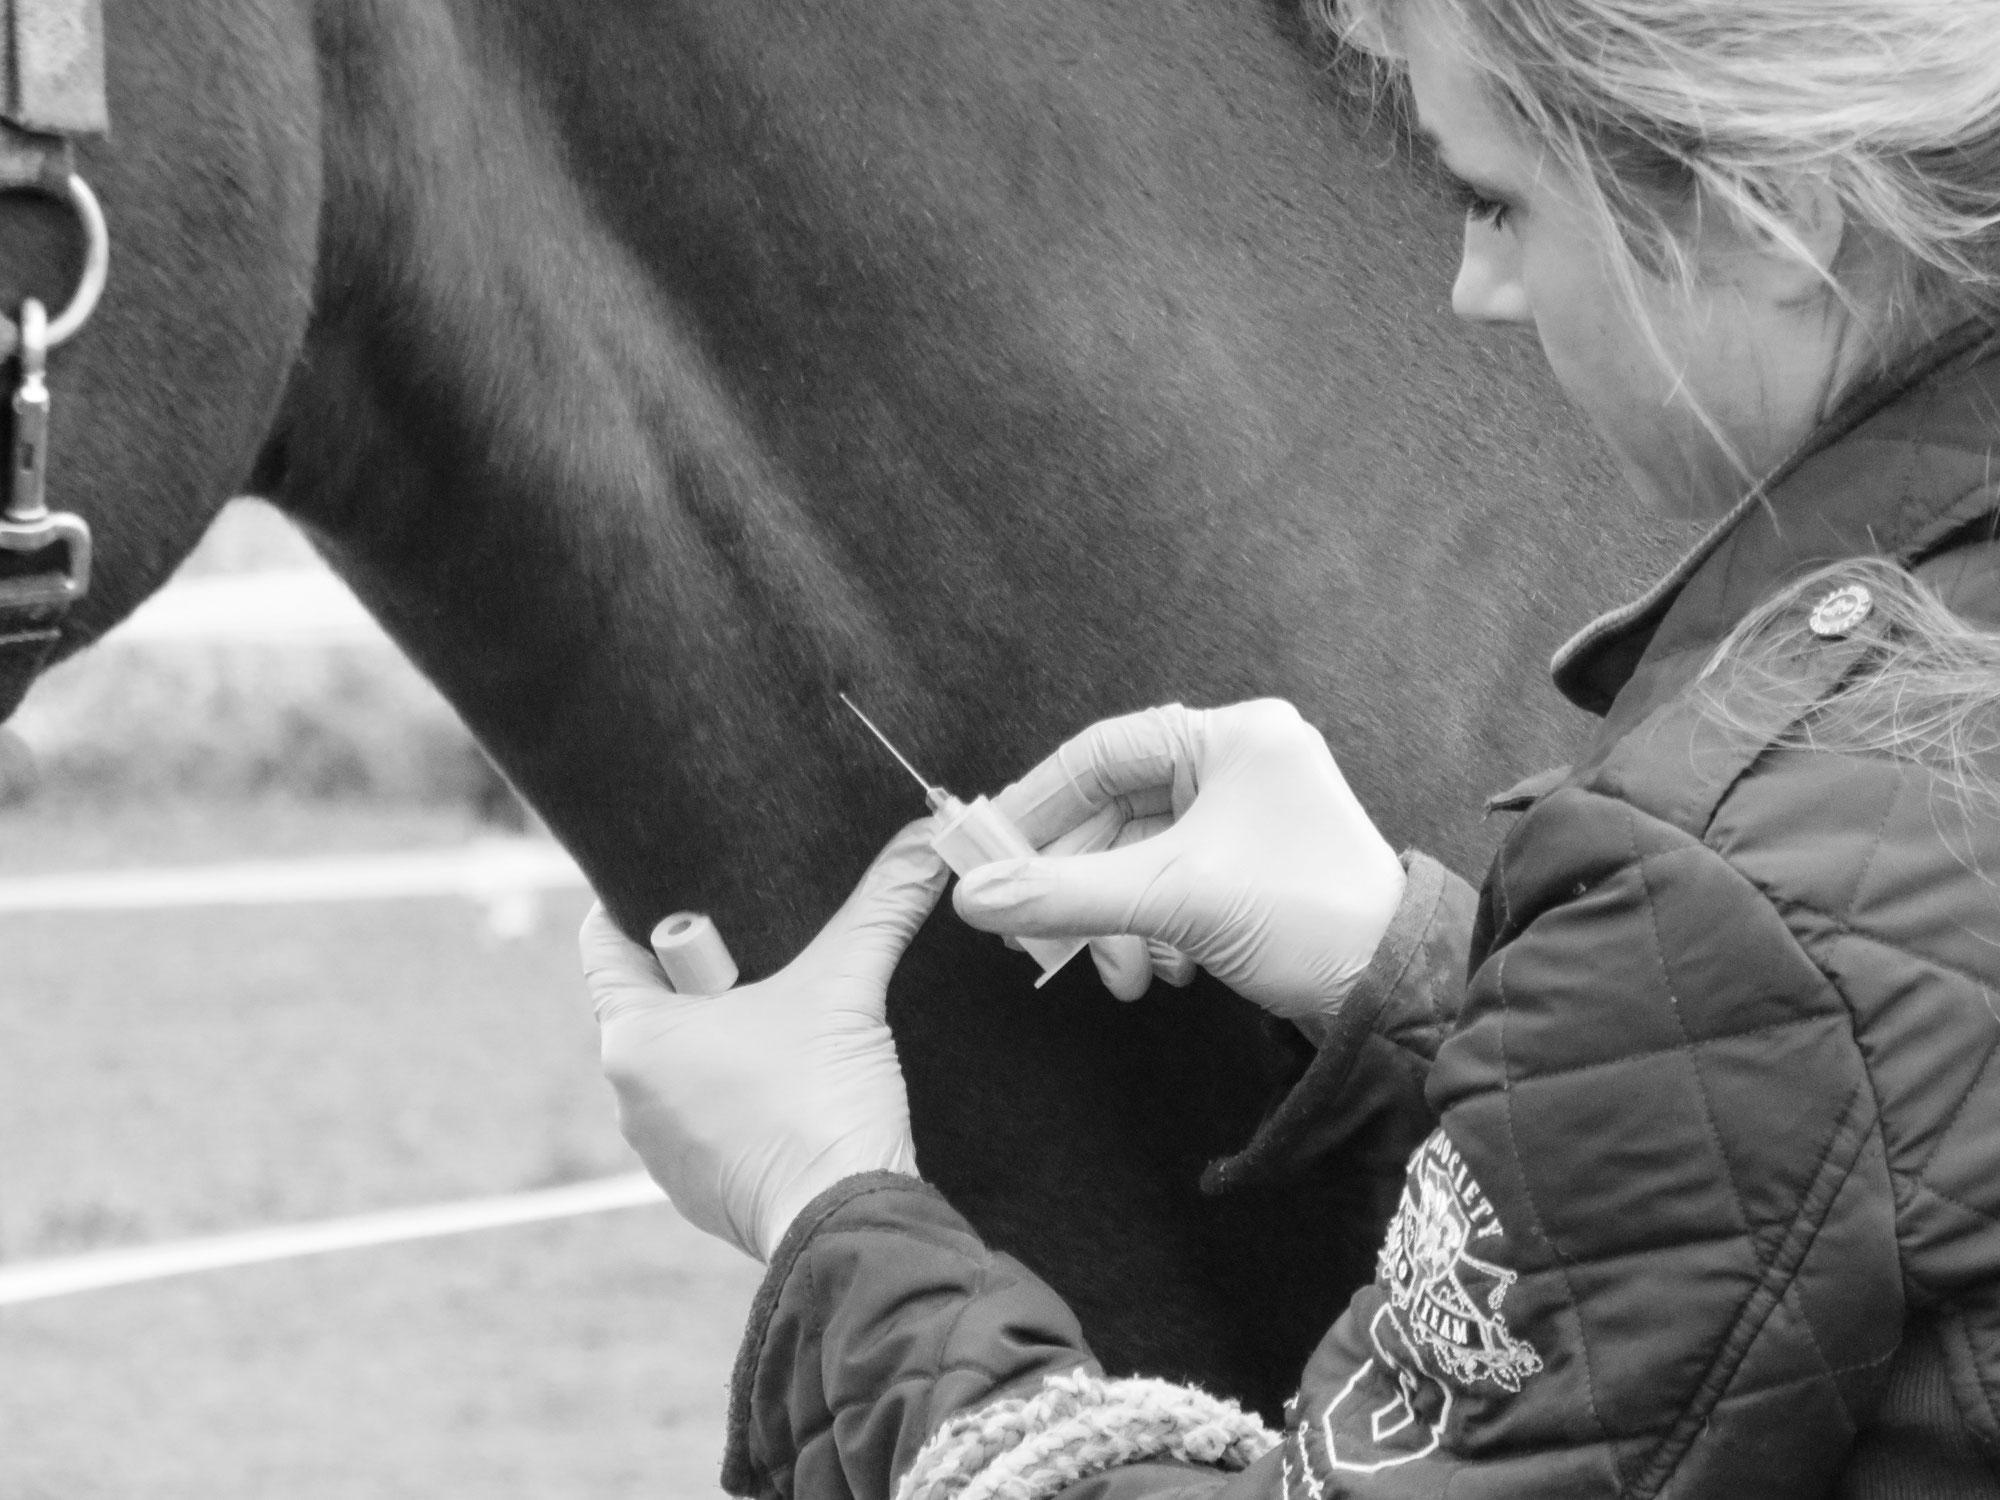 #14- Wissenswertes über Pferdeblut